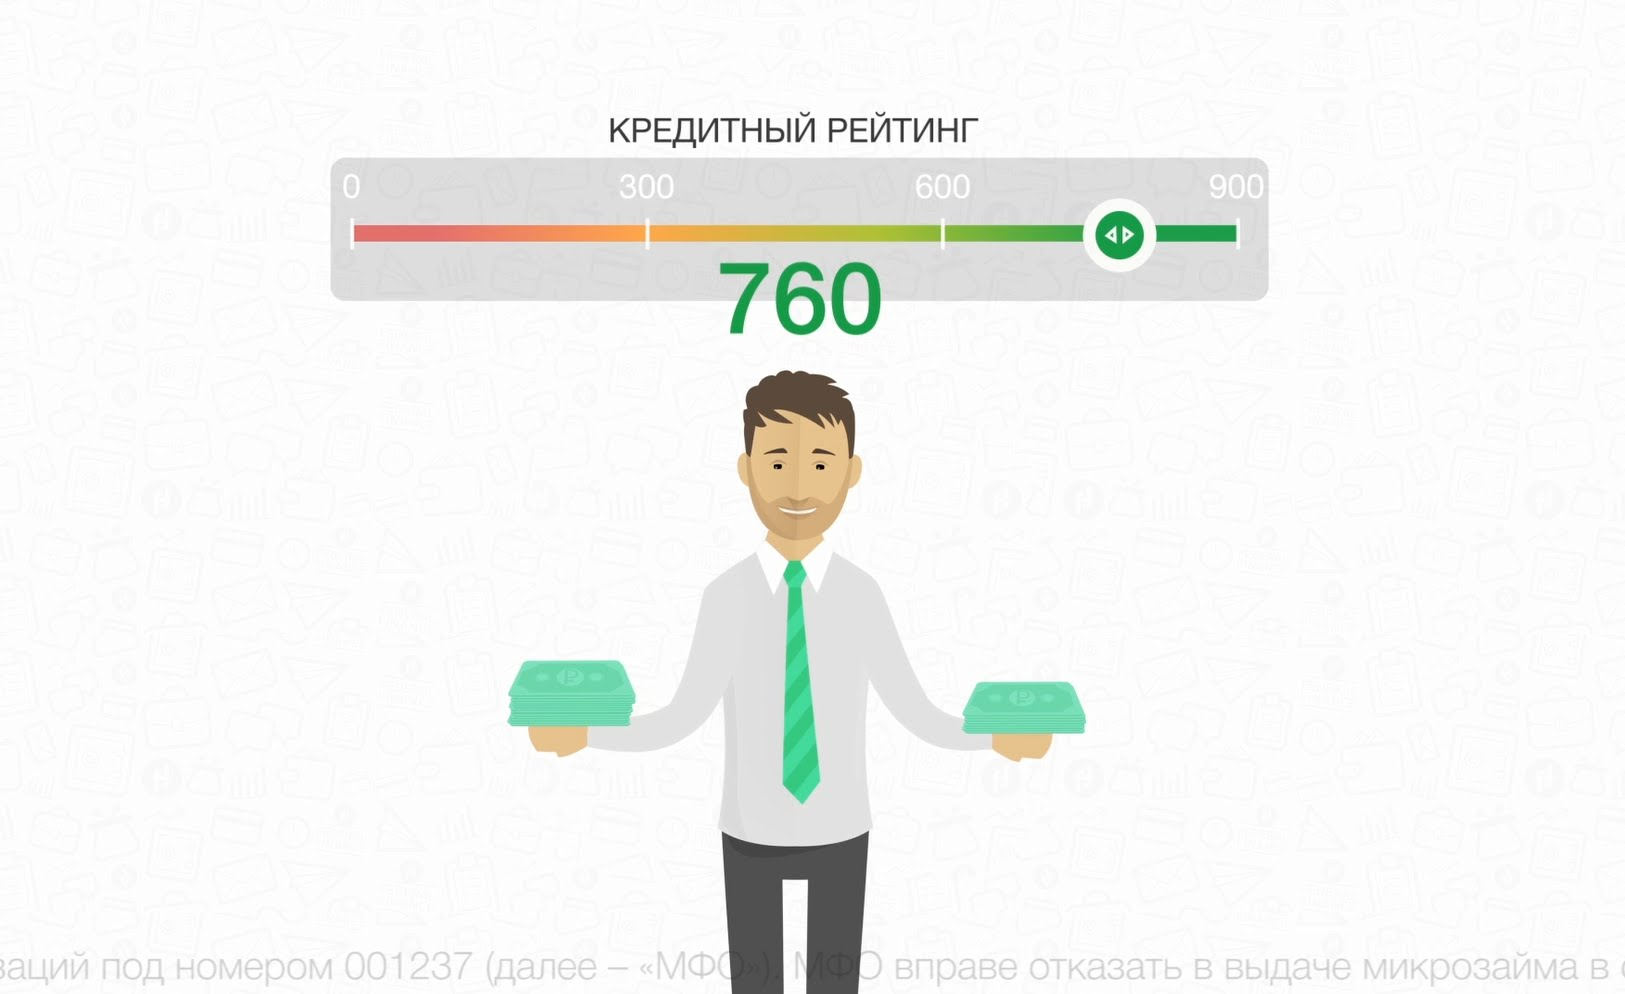 chto-takoe-kreditnyj-rejting_2